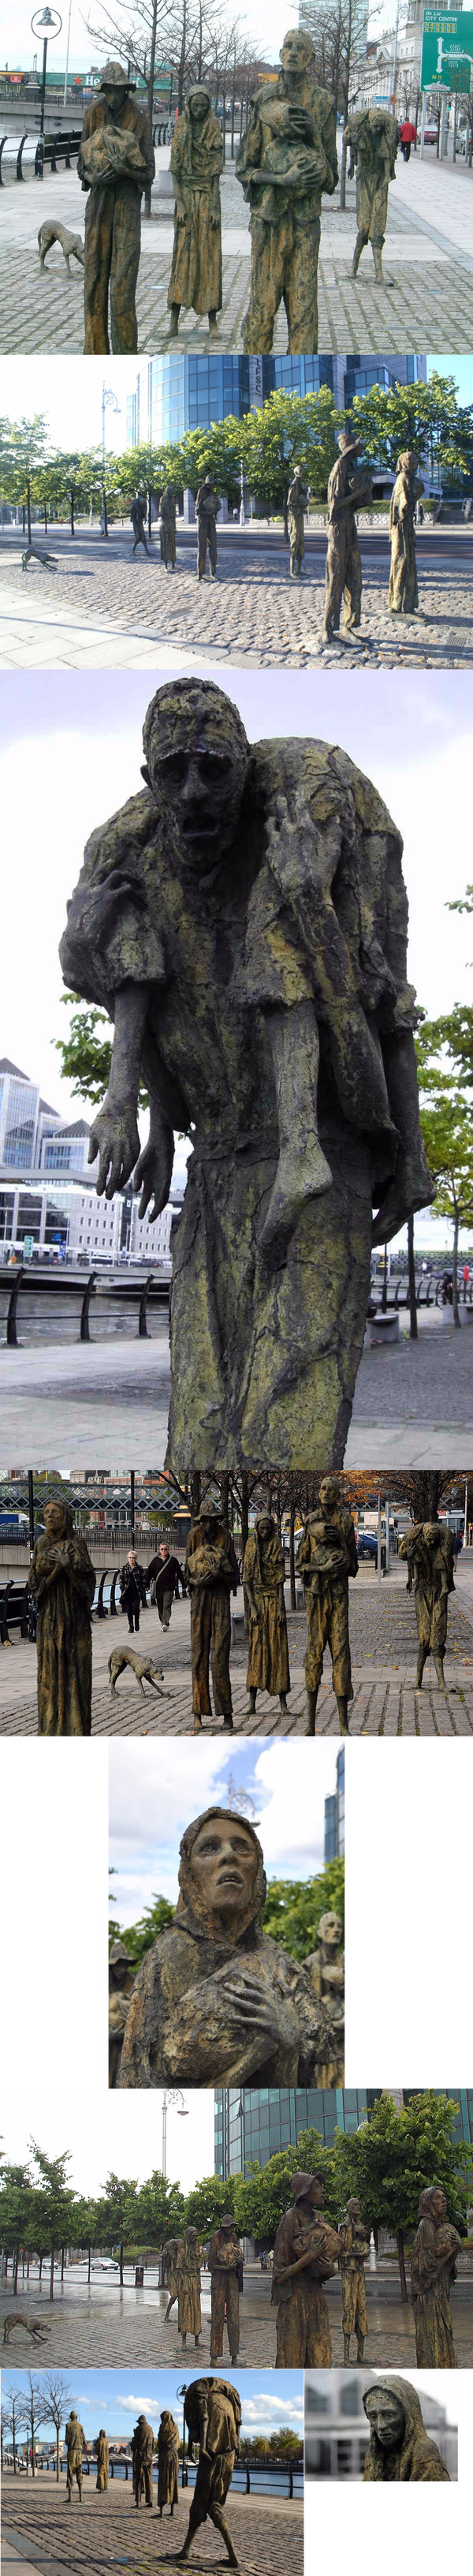 Почему ирландцы ненавидят англичан Ирландия, Англия, Великобритания, голод, геноцид, США, Америка, эмиграция, длиннопост